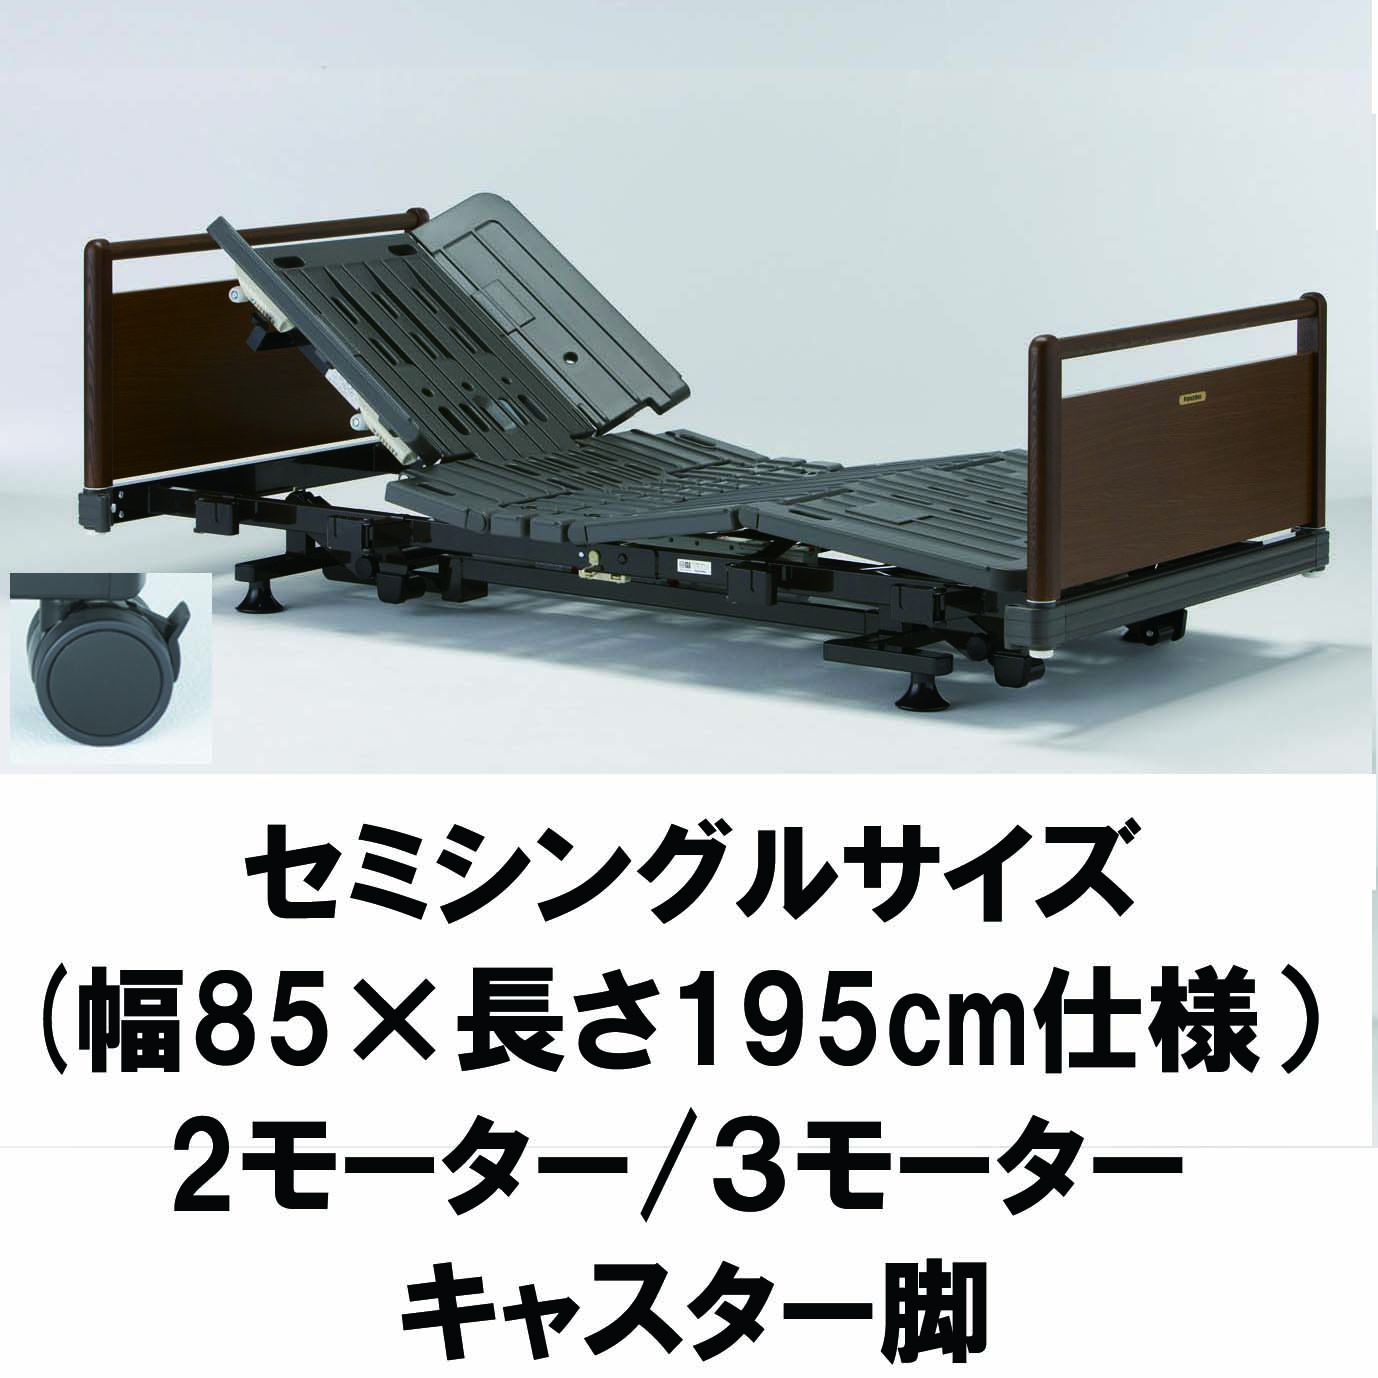 ヒューマンケアベッド・低床型 85幅標準サイズ FBN?PJJ SU キャスター脚